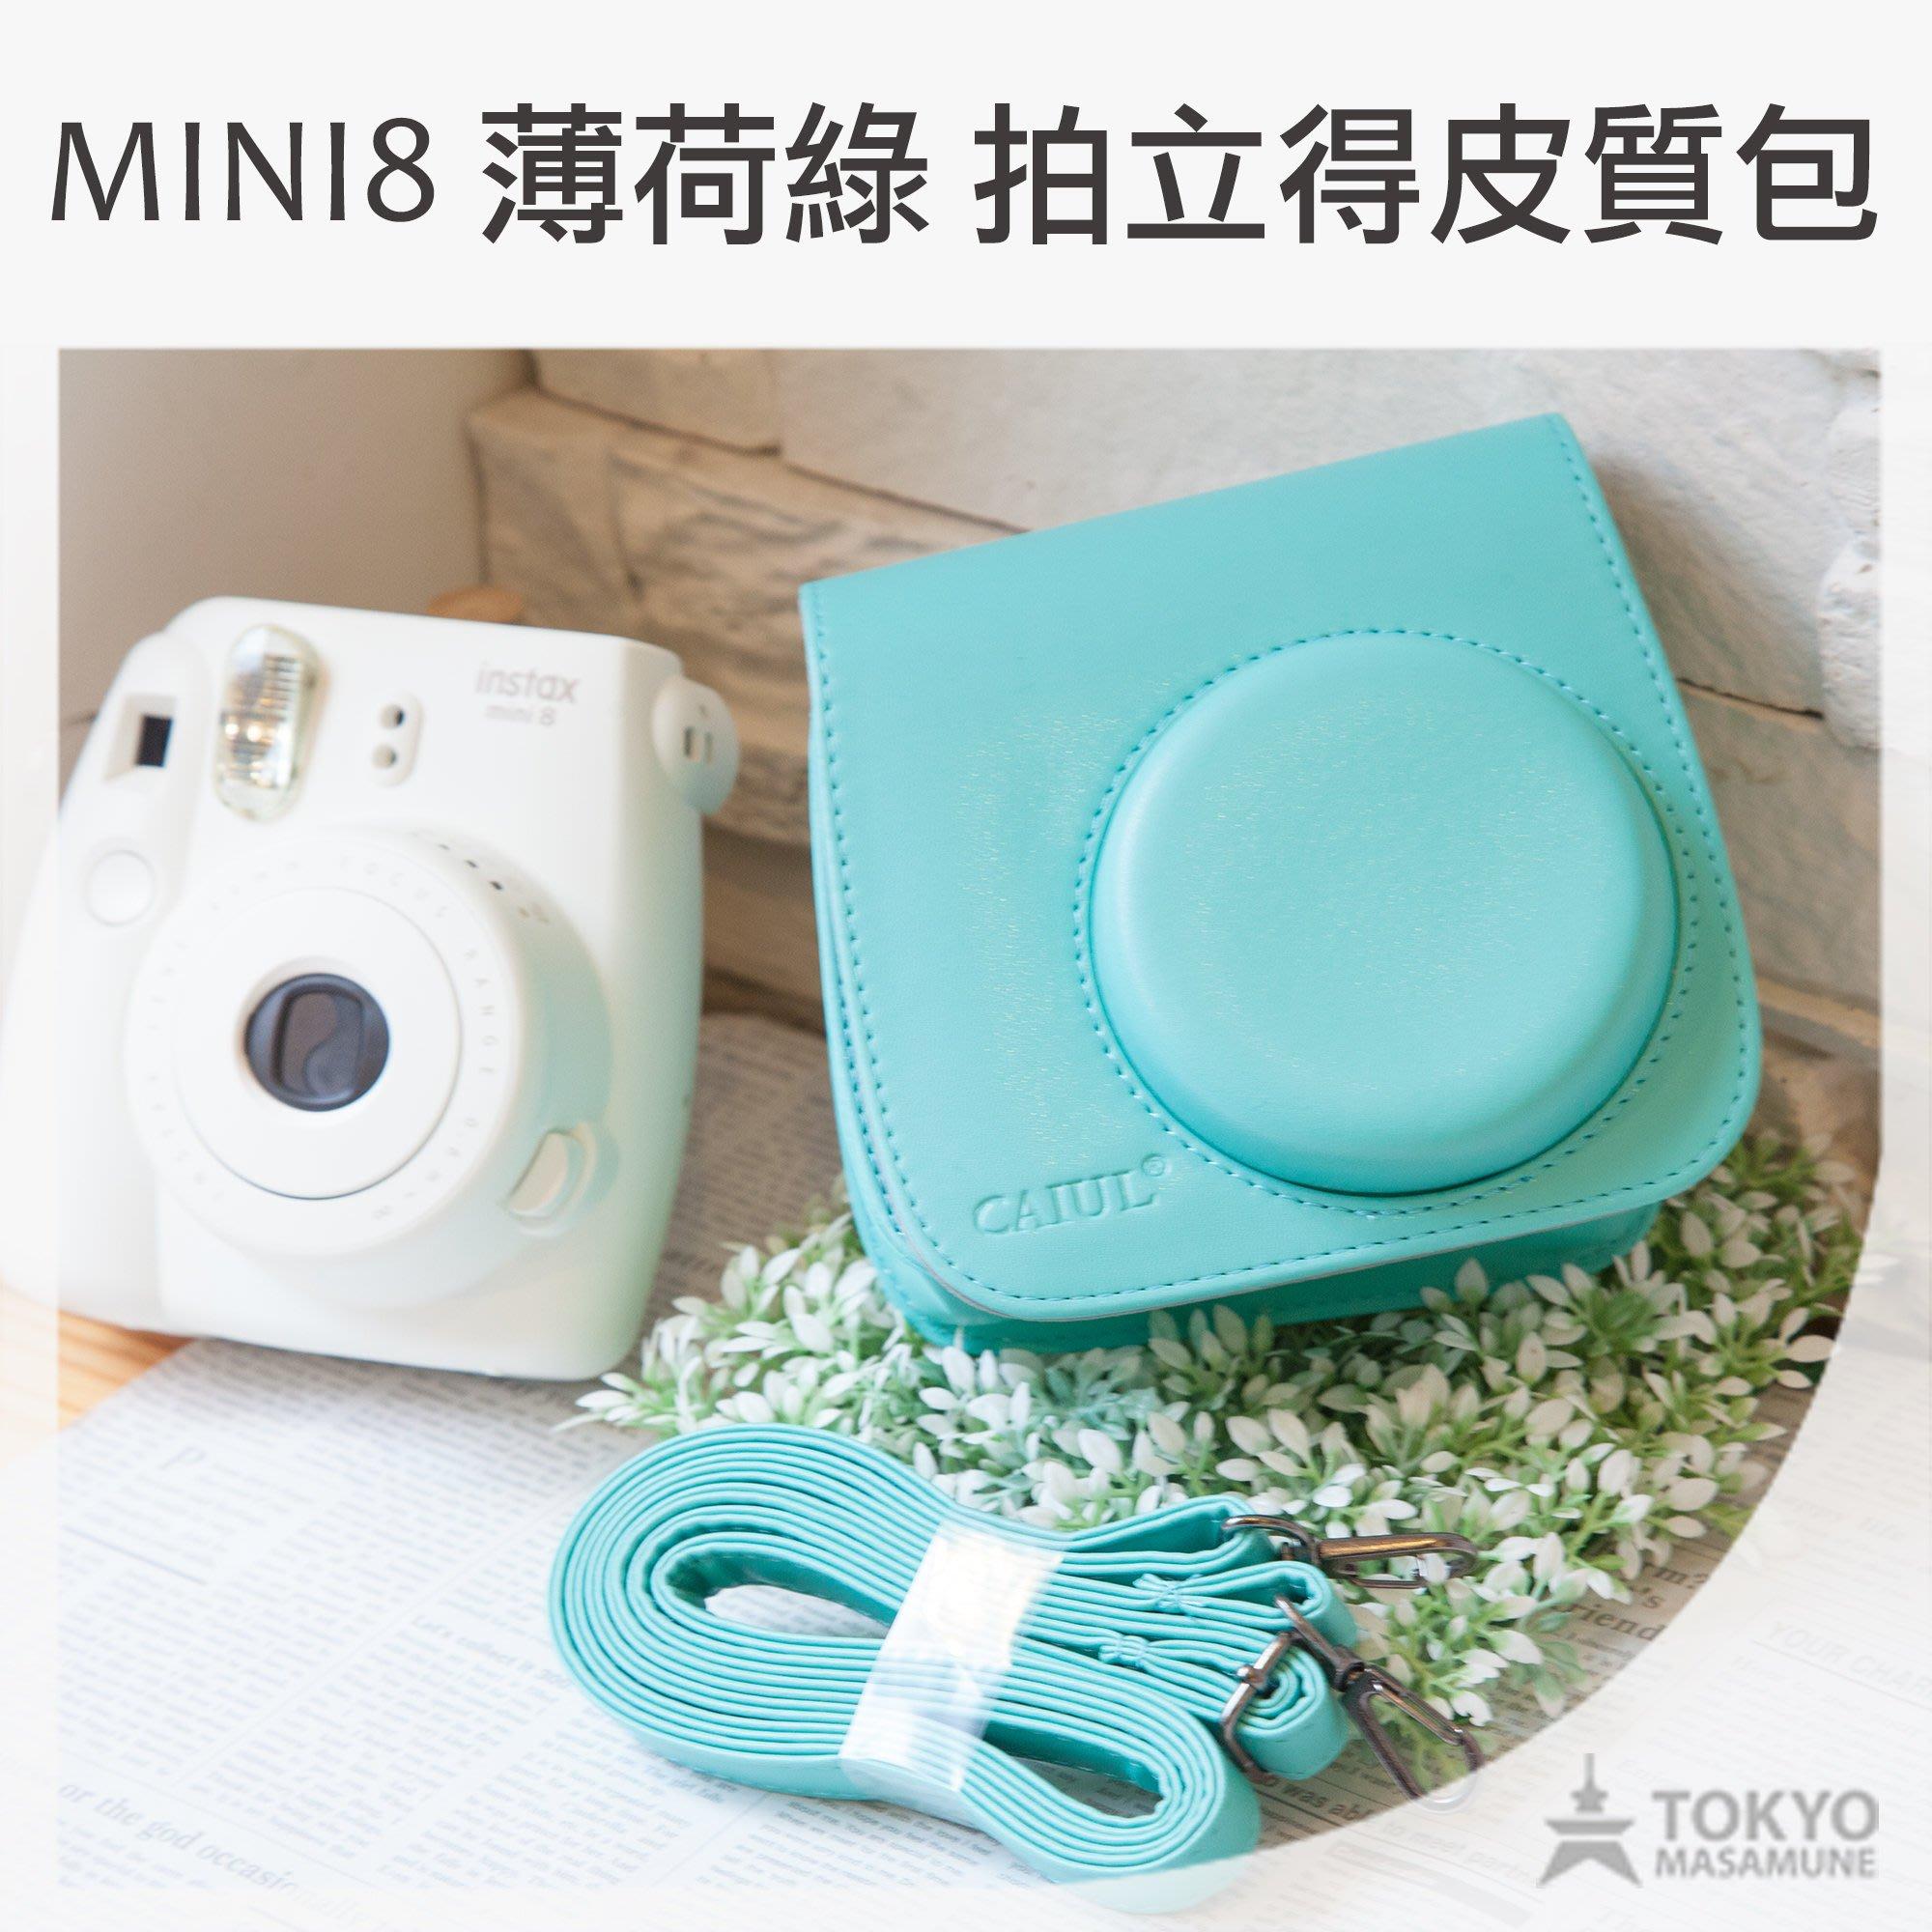 【東京正宗】 instax mini8 / 9 拍立得 專用 相機包 皮質包 蒂芬妮綠 (薄荷綠) m8a